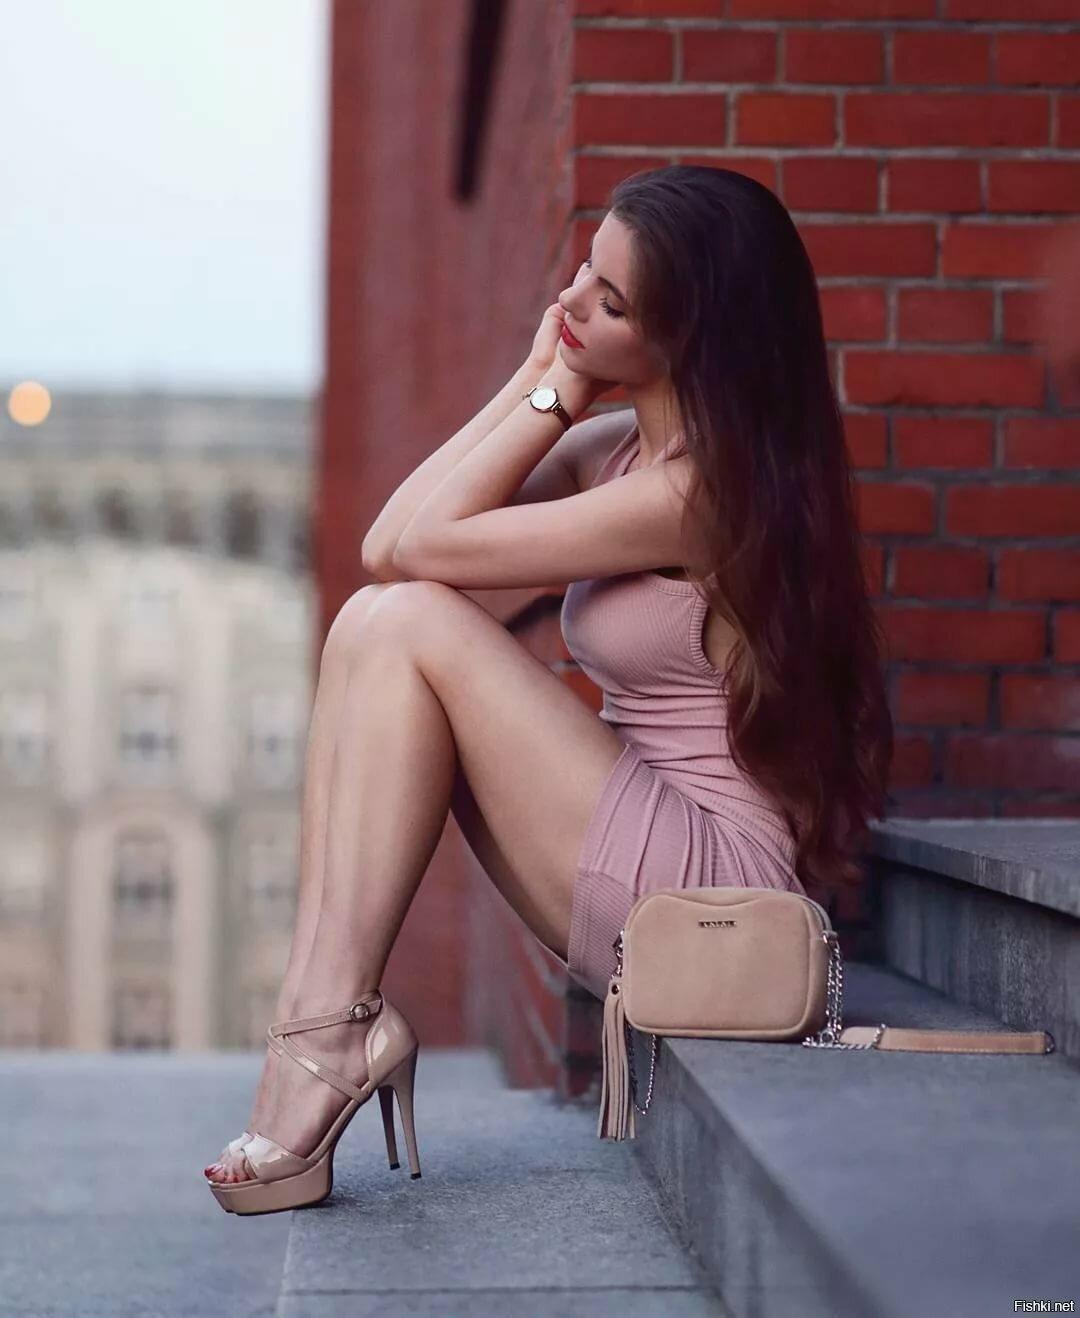 Sexy russian girls high heels, teens getting cummed on